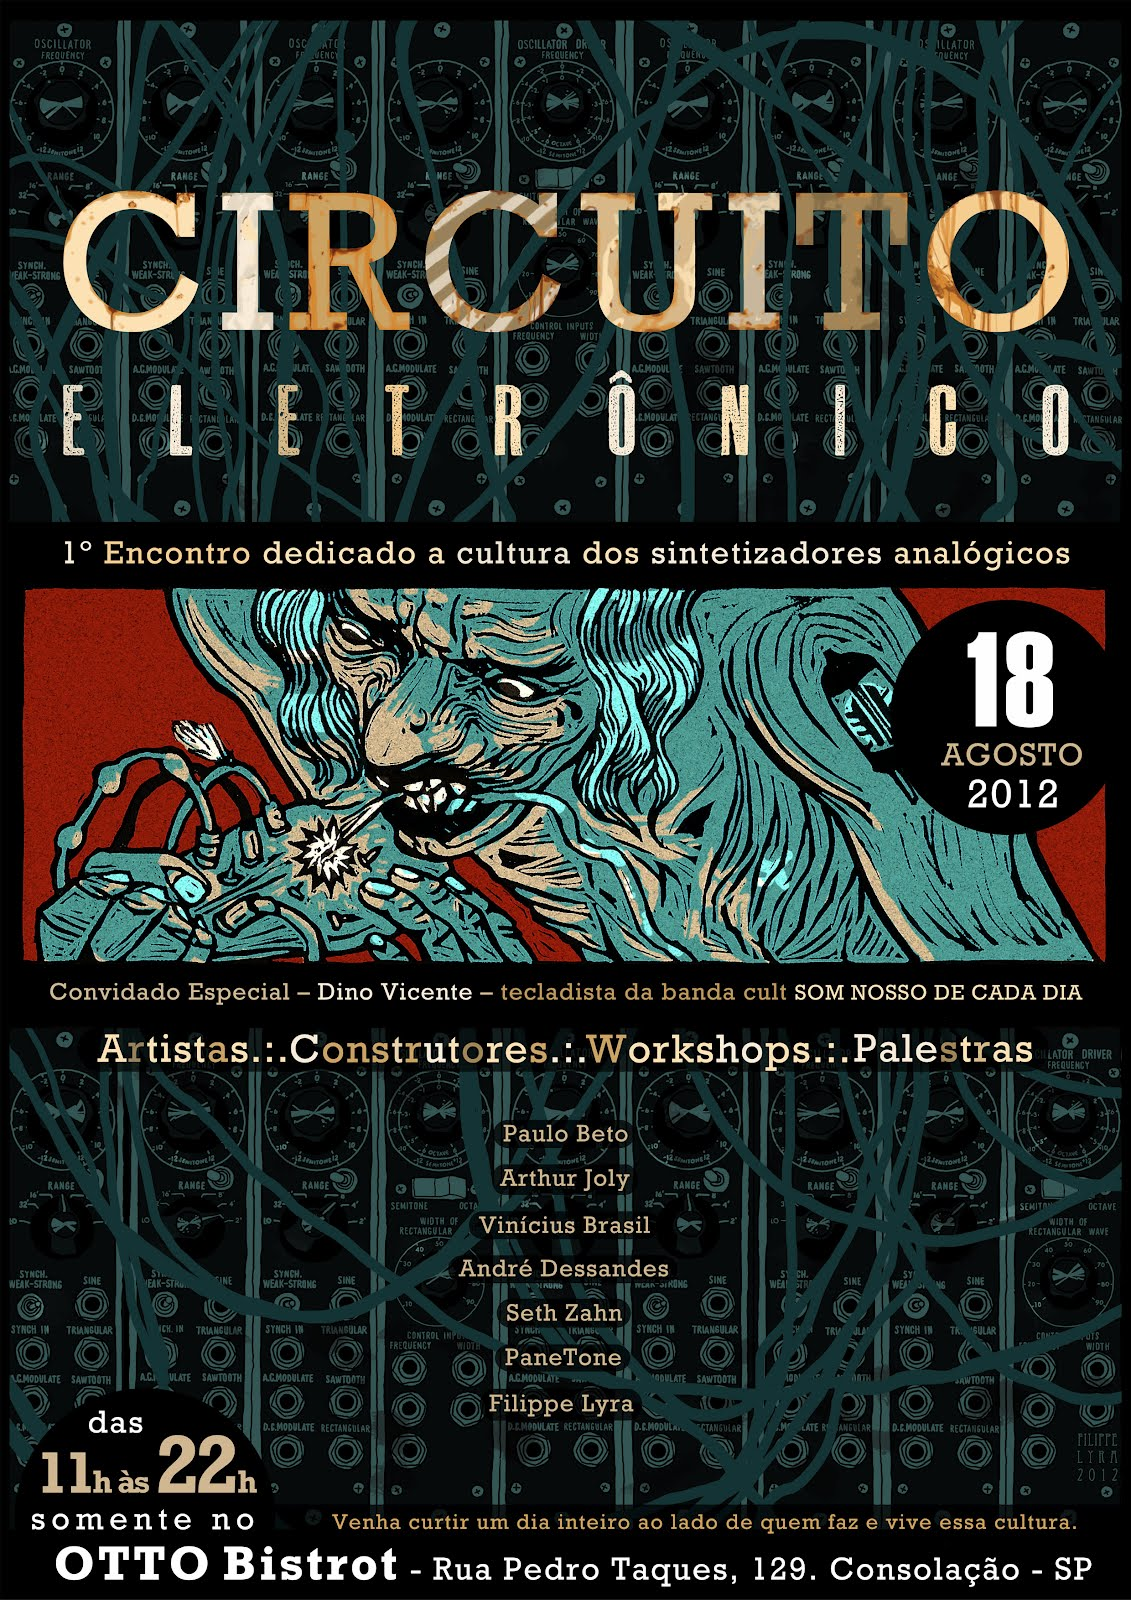 Circuito Eletronico : Matrixsynth circuito eletrÔnico brazil s first modular synth meet